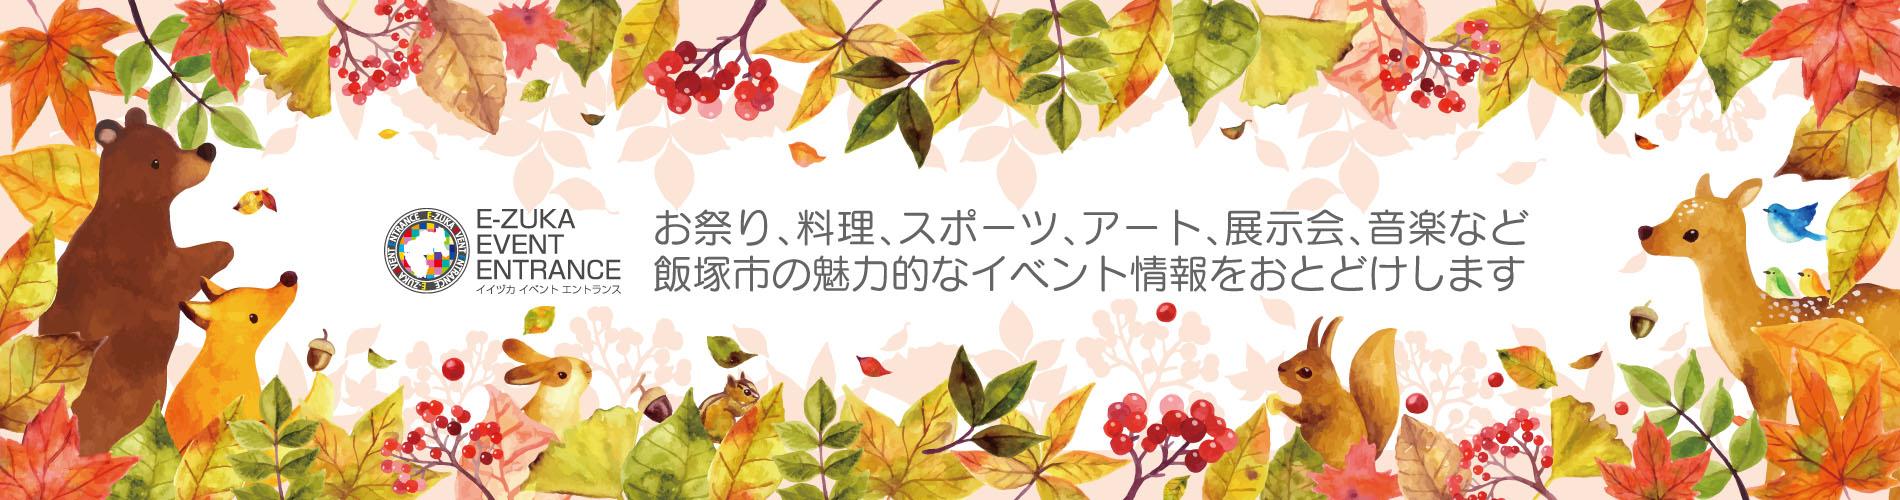 スライド_秋